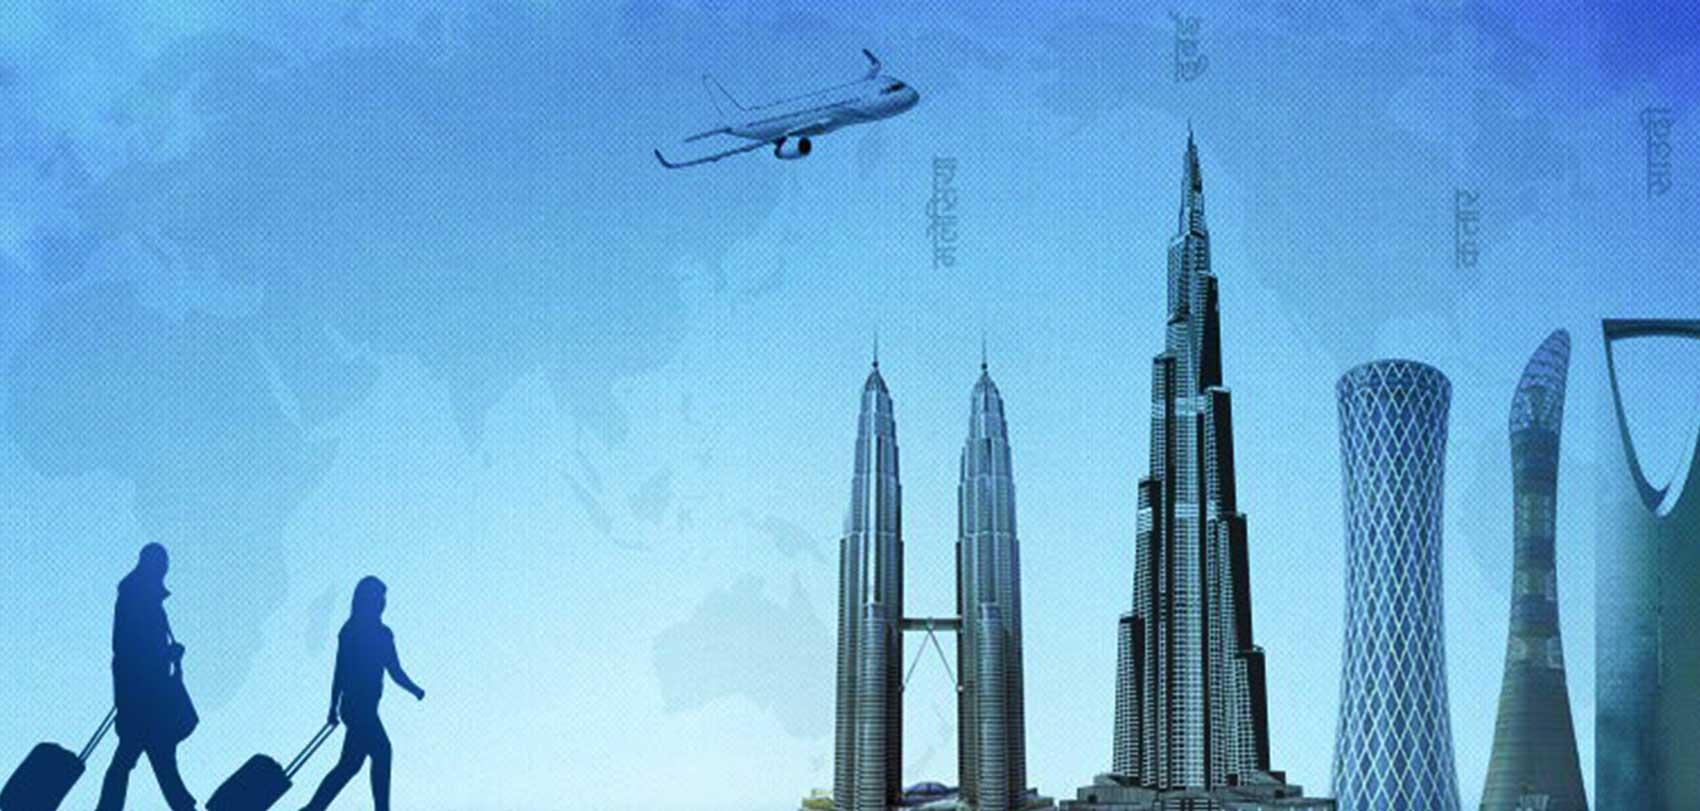 विदेशमा अलपत्र परेका २५ हजार नेपालीलाई अर्को हप्तादेखि स्वदेश ल्याइने